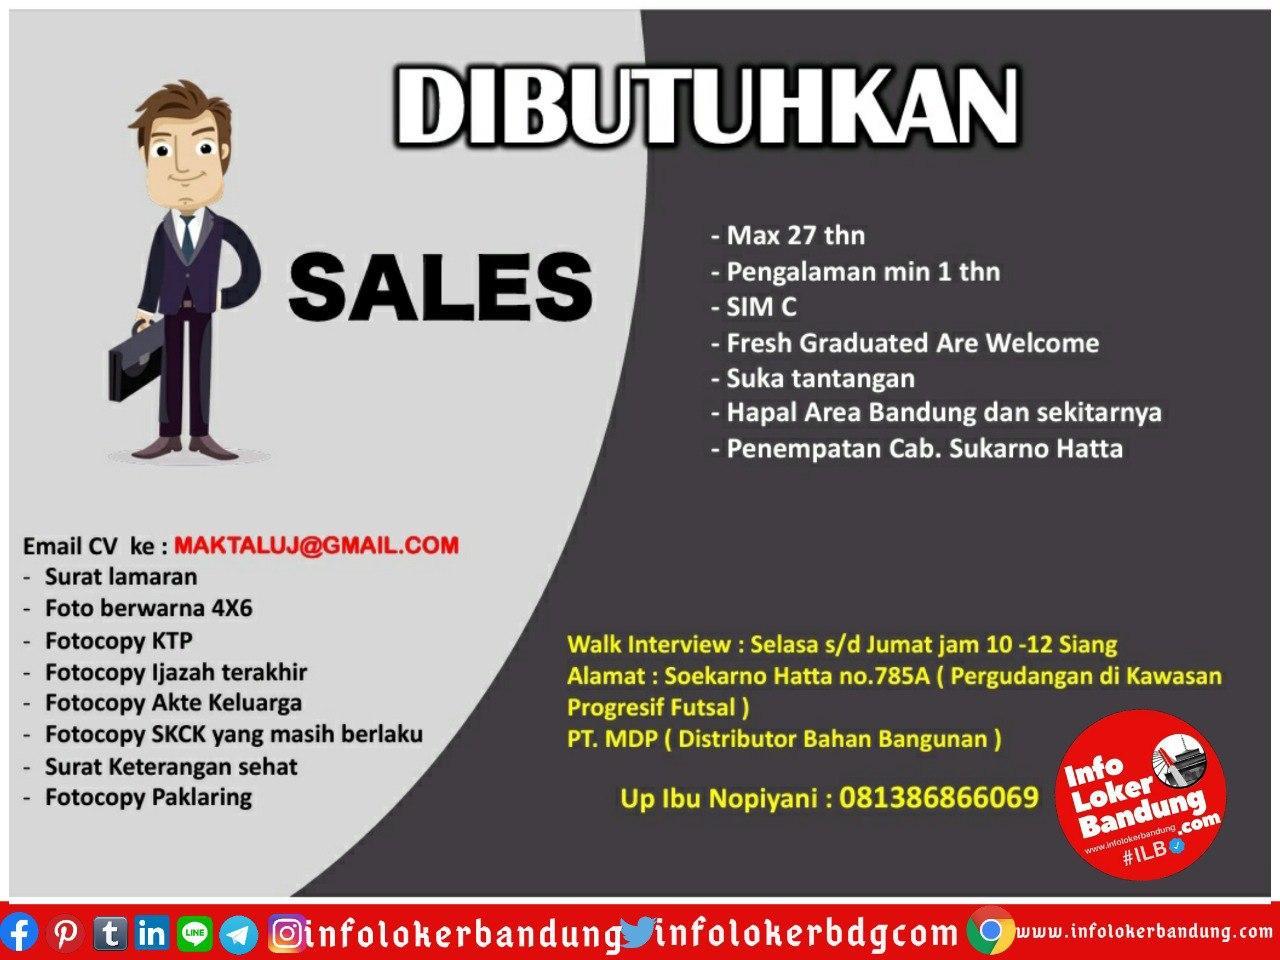 Lowongan Kerja Sales PT. Maktal Distribusi Pratama Bandung Juli 2020